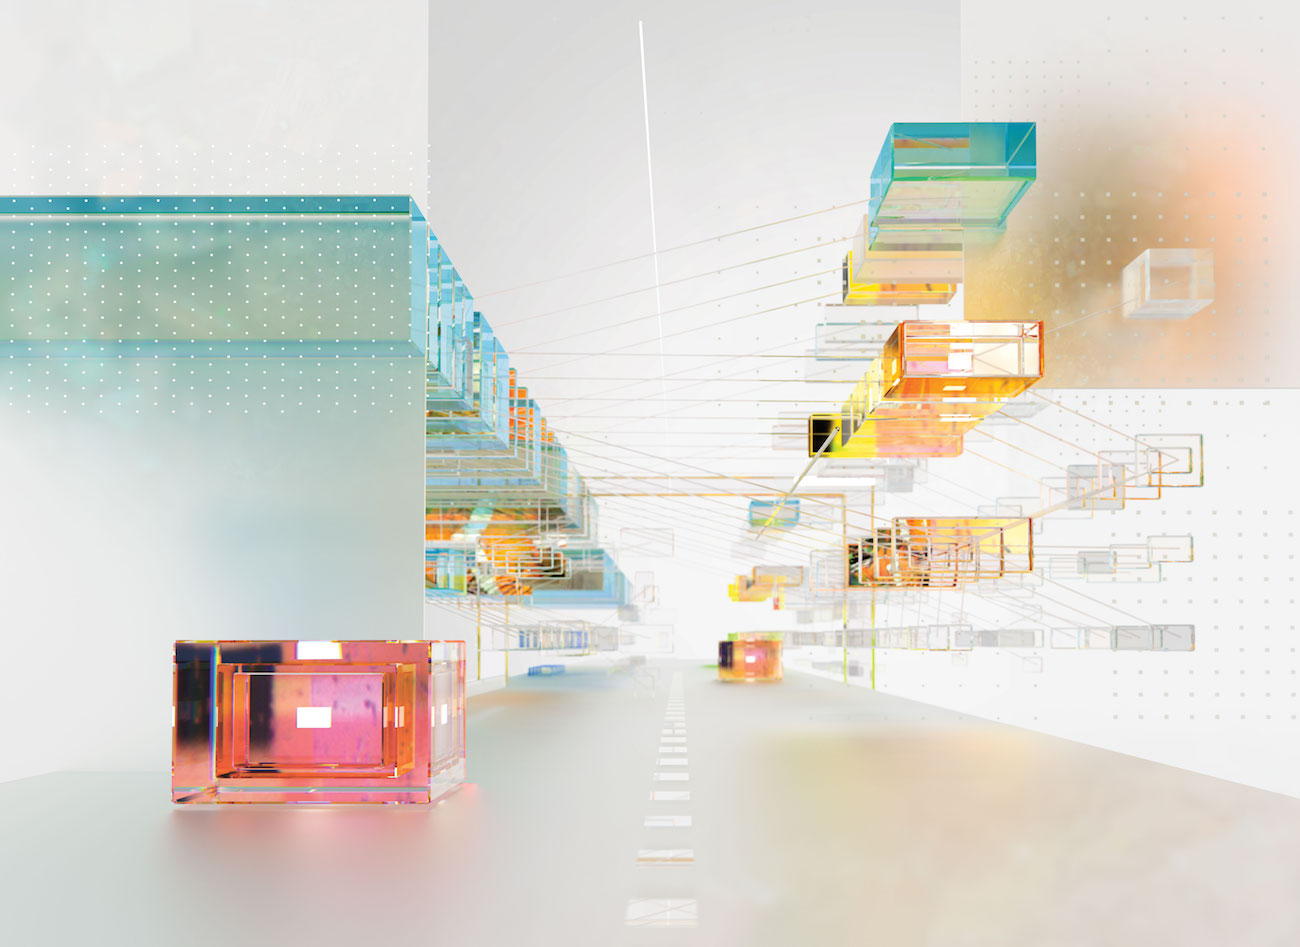 Visualisierung Algorithmus eines selbstfahrenden Autos, KI